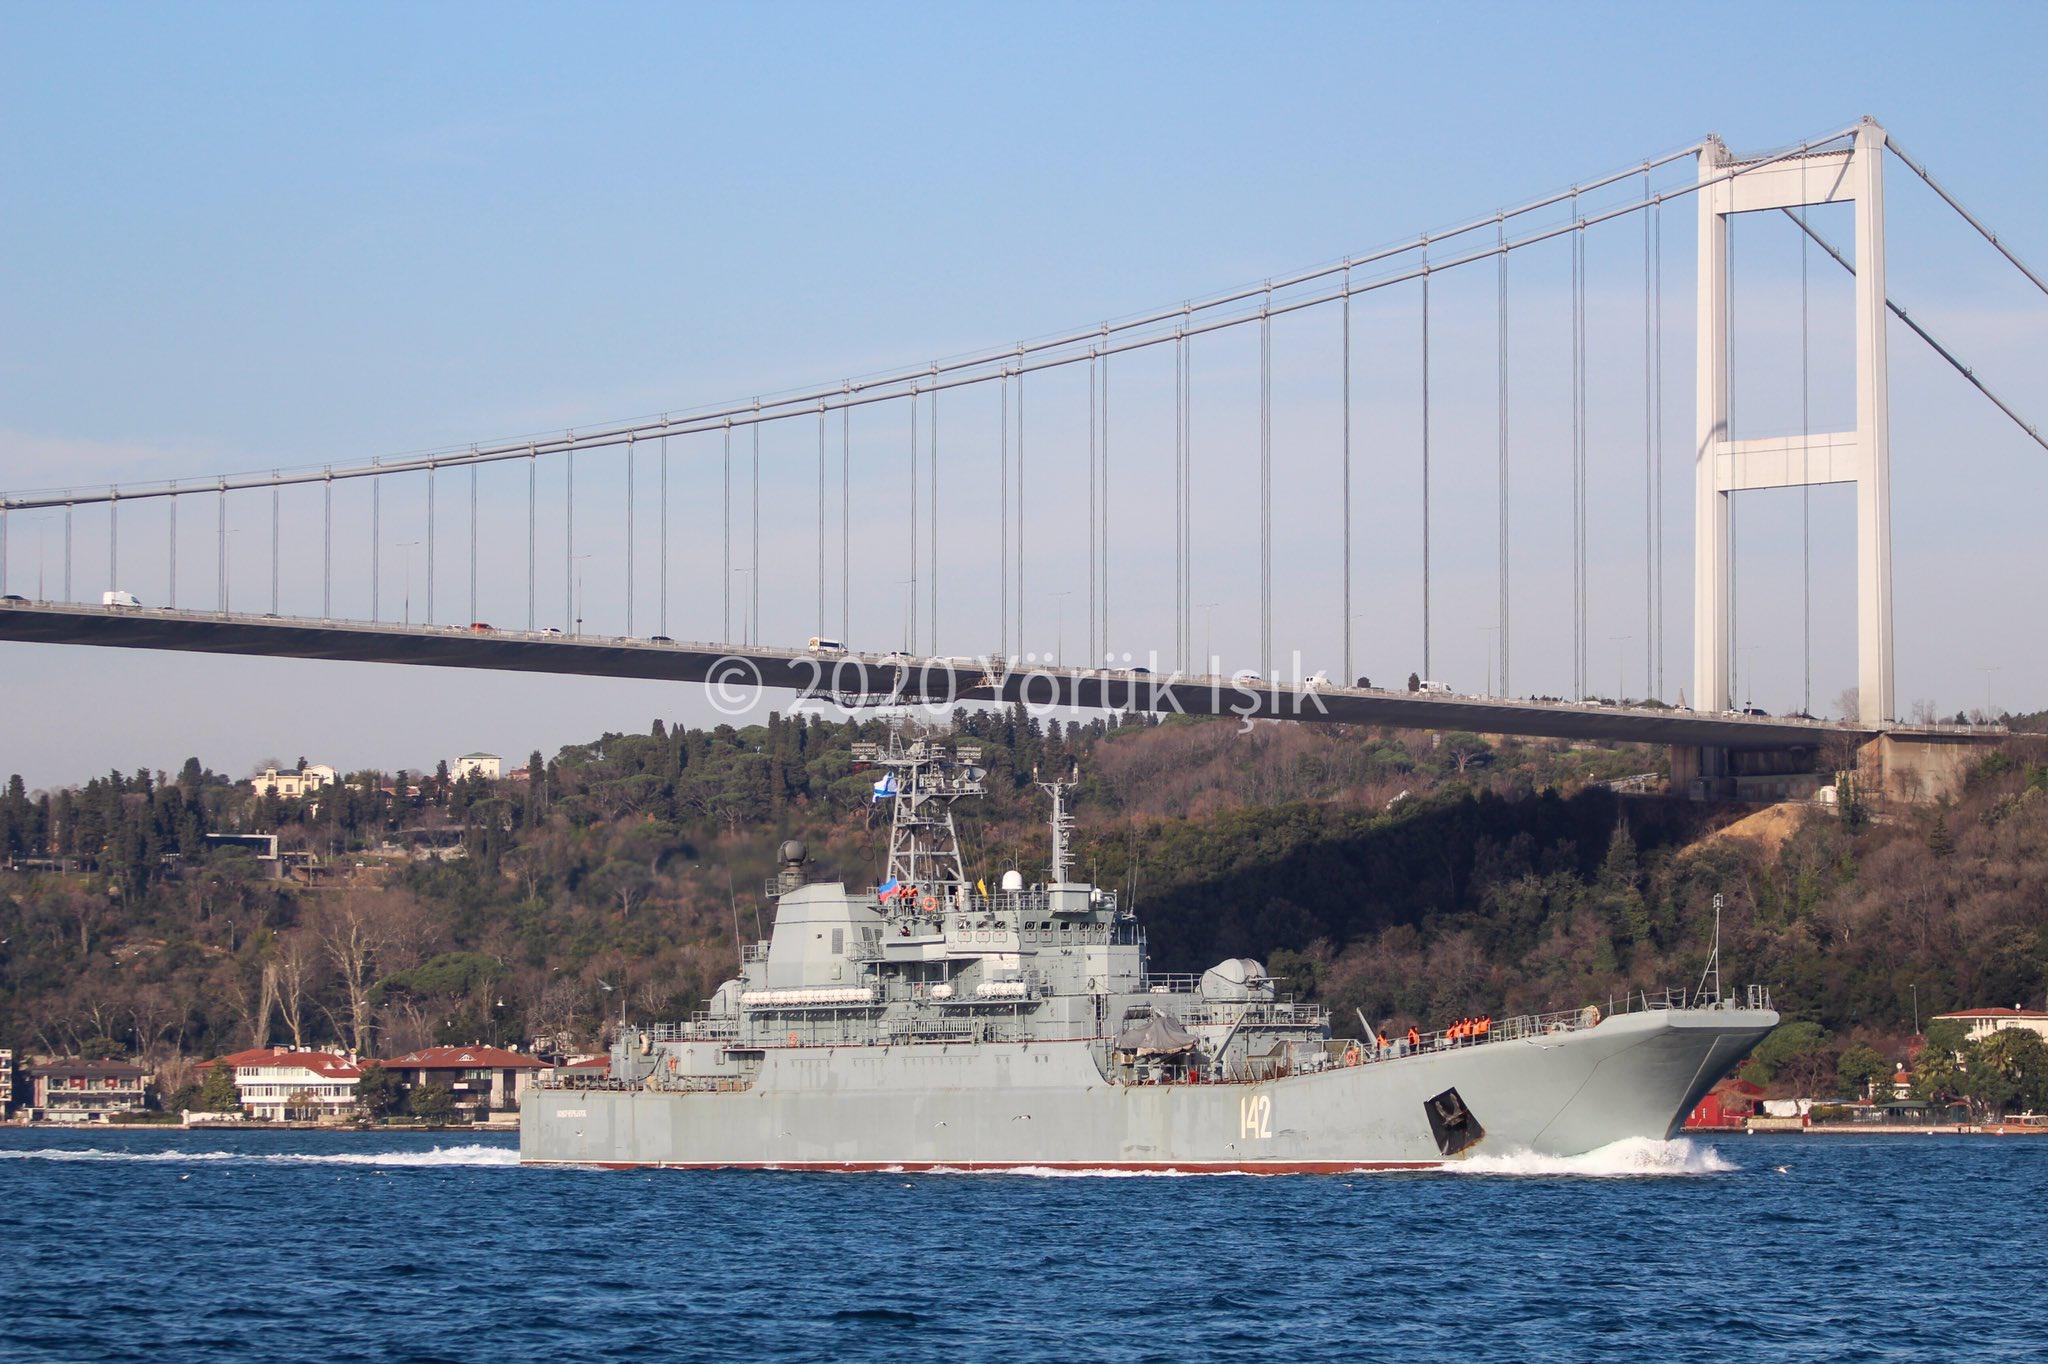 增援已到,2艘登陆舰抵达叙利亚,得大量坦克补充,叙军满血复活